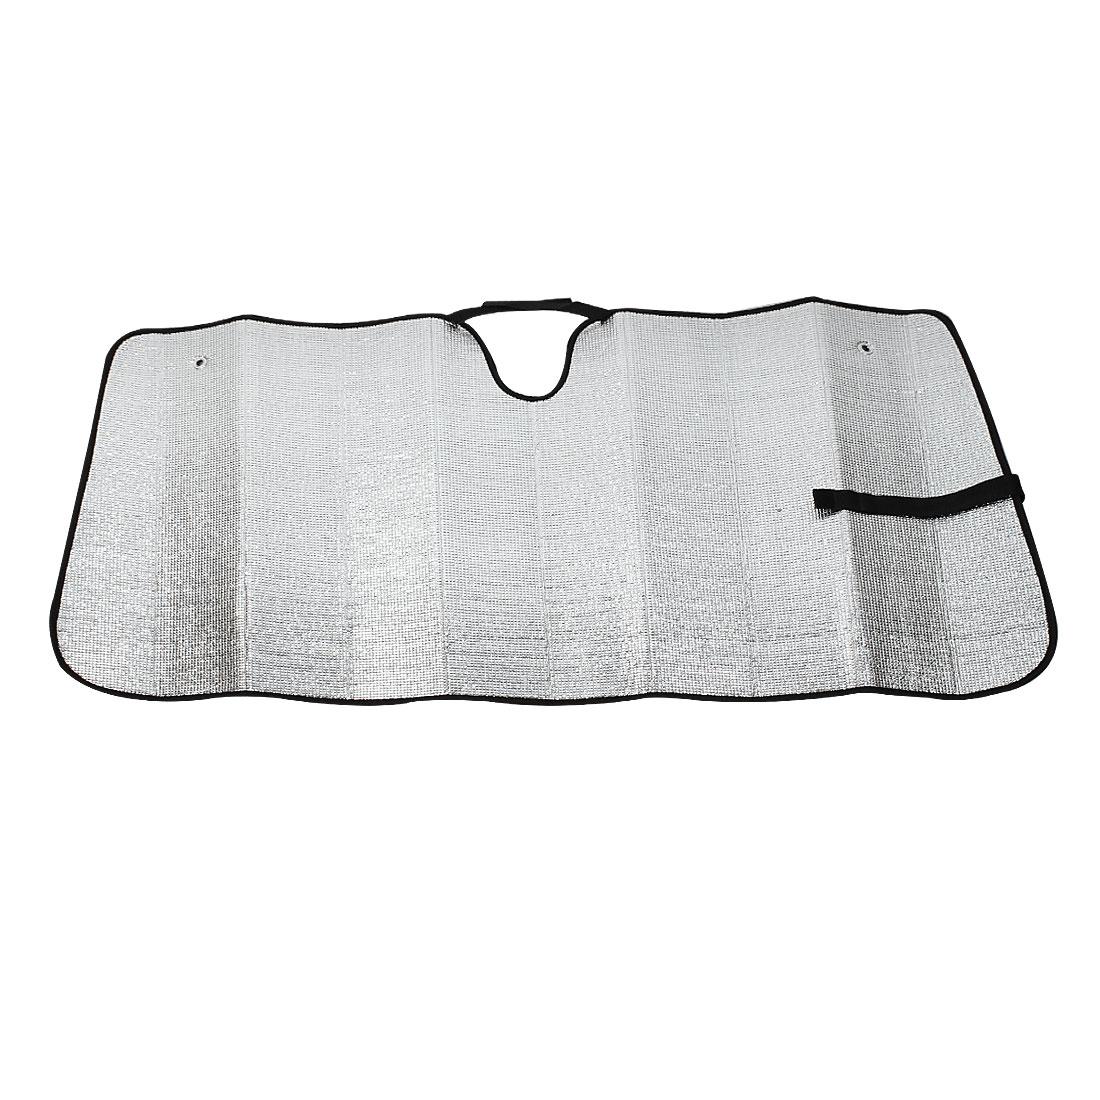 142cm x 70cm Windshield Sunshade Reflective Sun Shade Shield Visor for Car